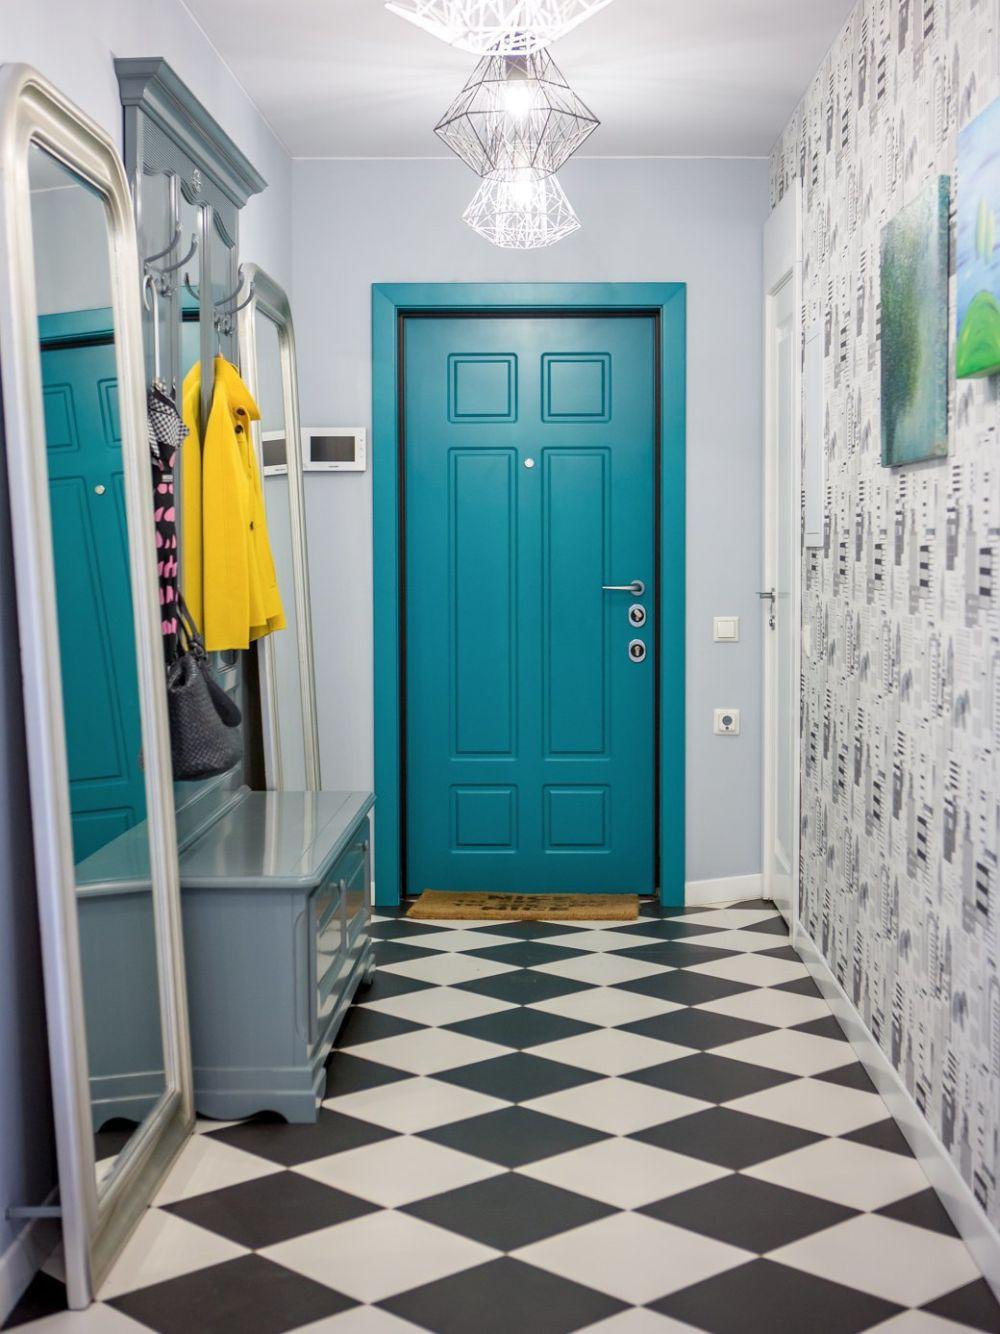 adelaparvu.com despre apartament 104 mp, 4 camere, Moscova, designer Maria Solovieva-Sosnowik, Foto Anna Kiseleva (18)